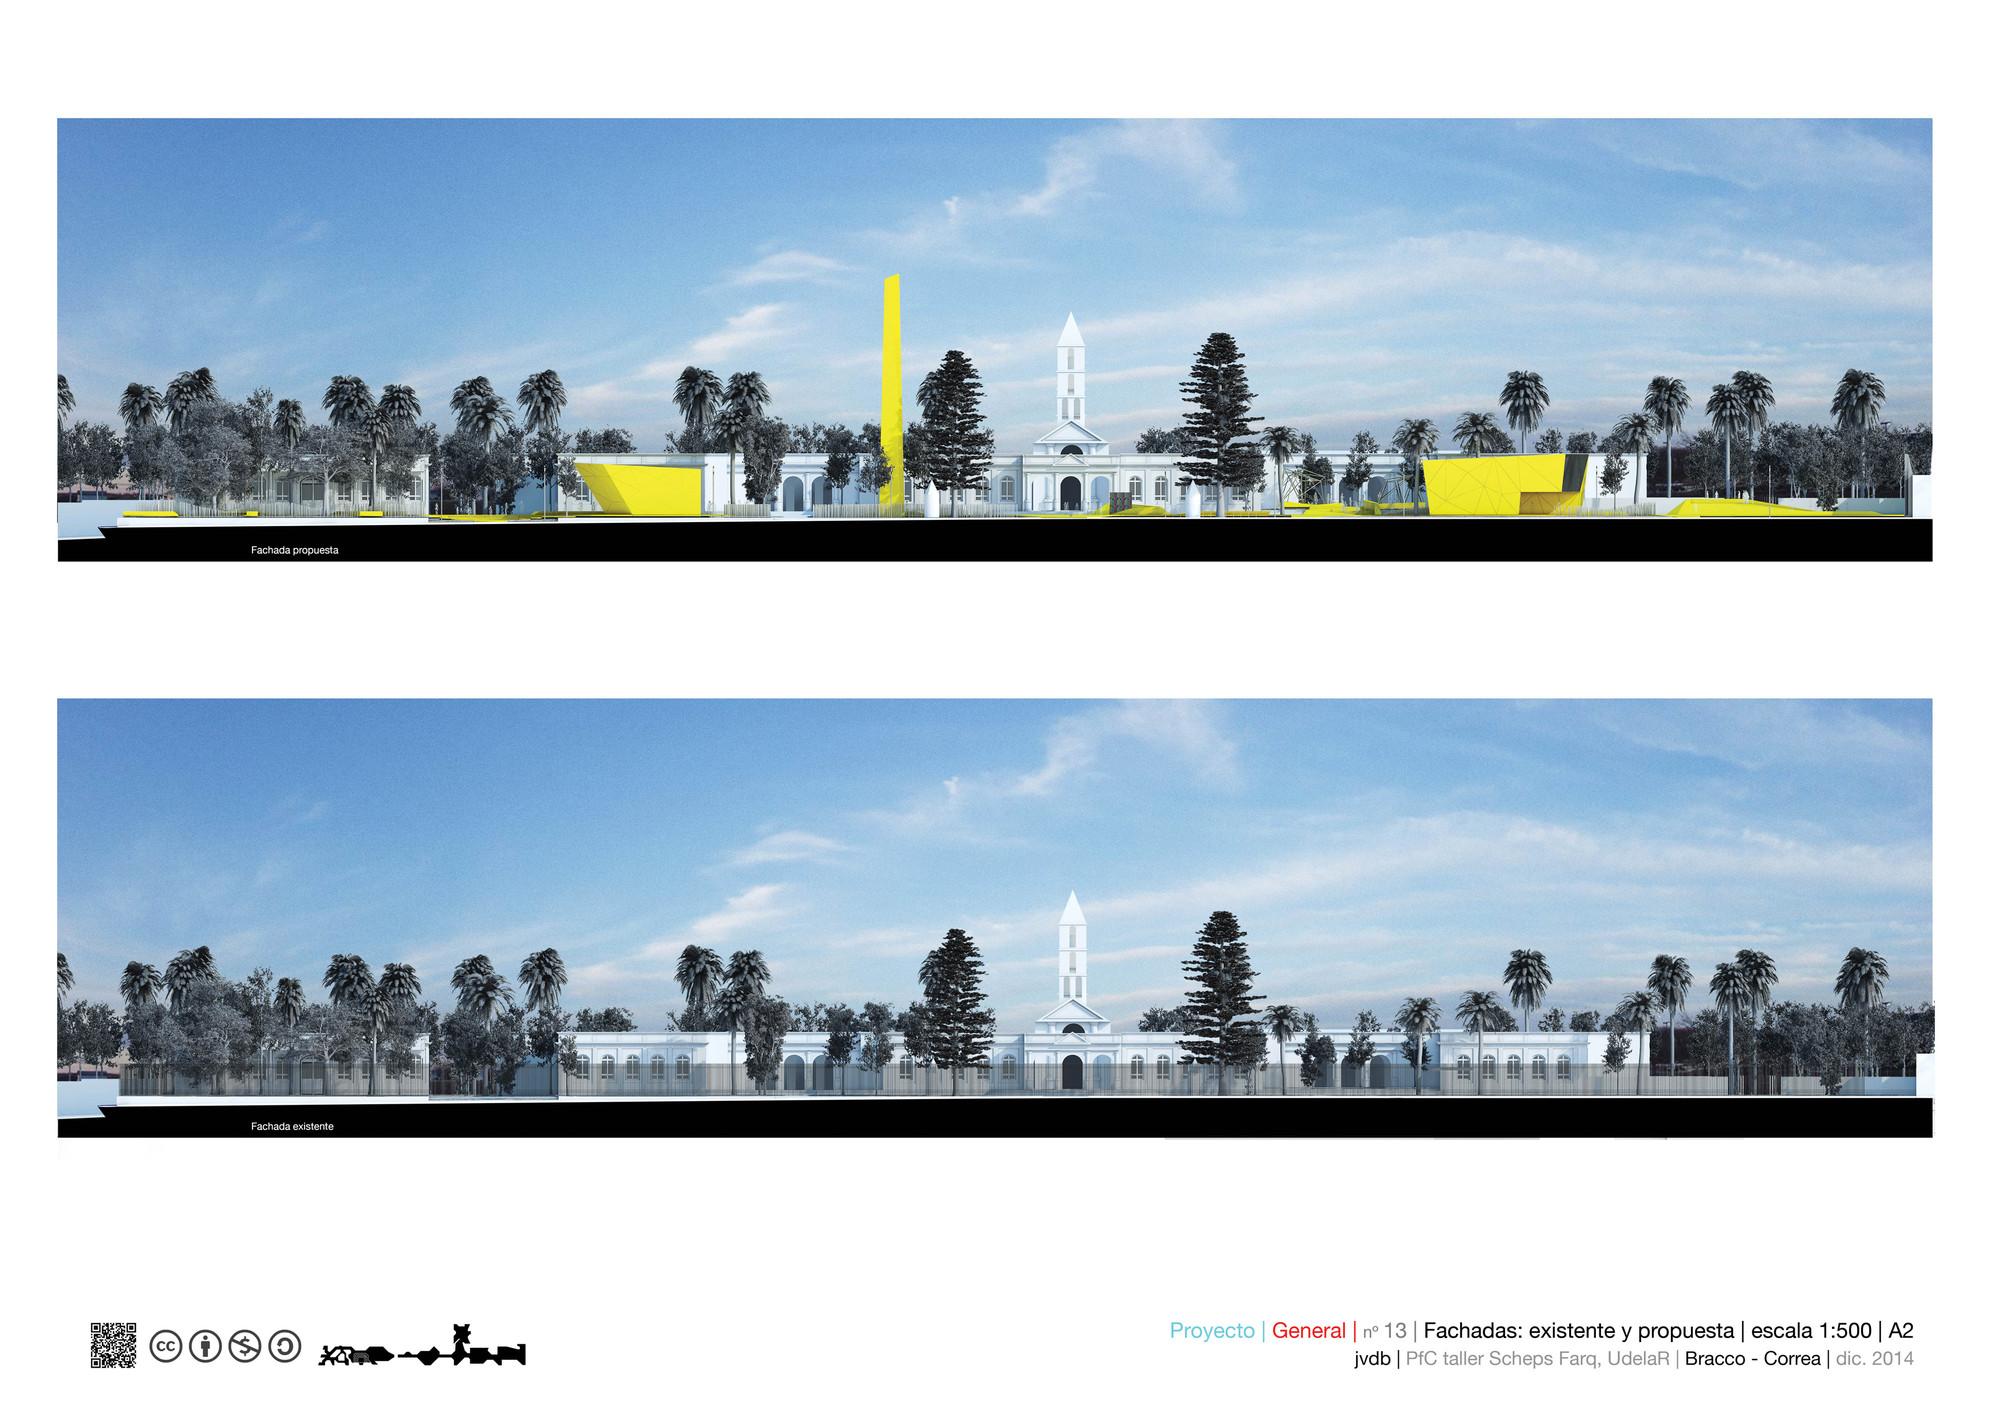 Fachadas/elevaciones: existentes y propuestas. Image Cortesia de Marcos Bracco y Nacho Correa